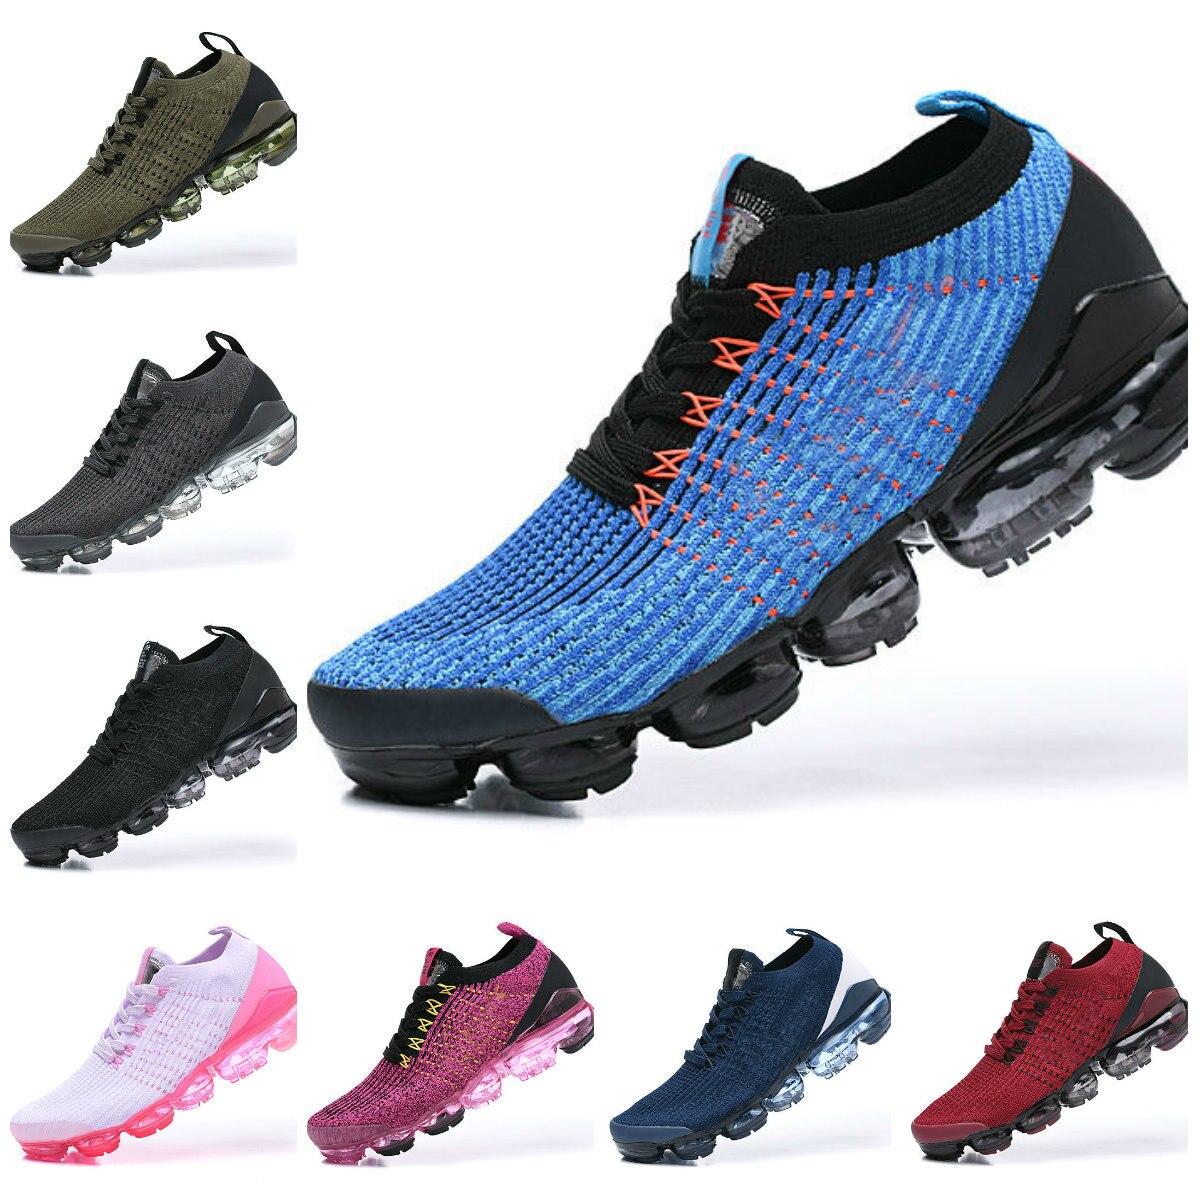 2019 Max 270 chaussures de course pour homme être fidèle semelle Air Style Triple Vapormax Tn 2 femmes pantoufles